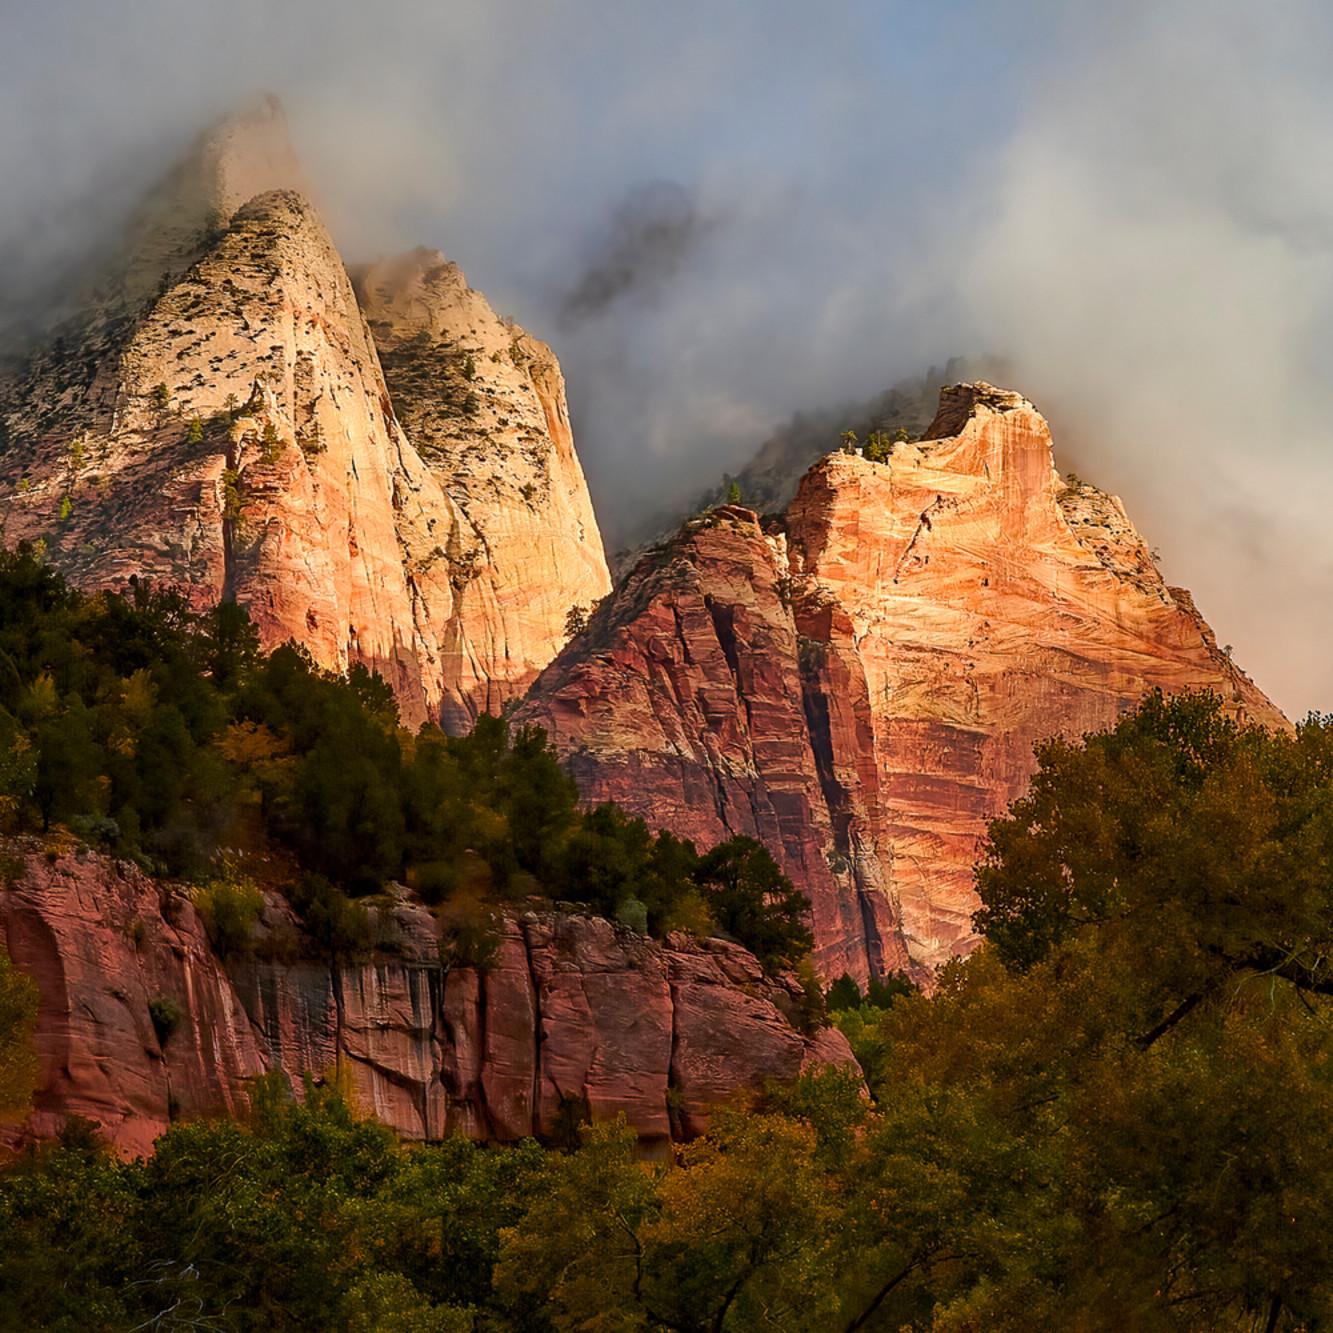 Sunrise in zion canyon india 3x2 s8uqvi